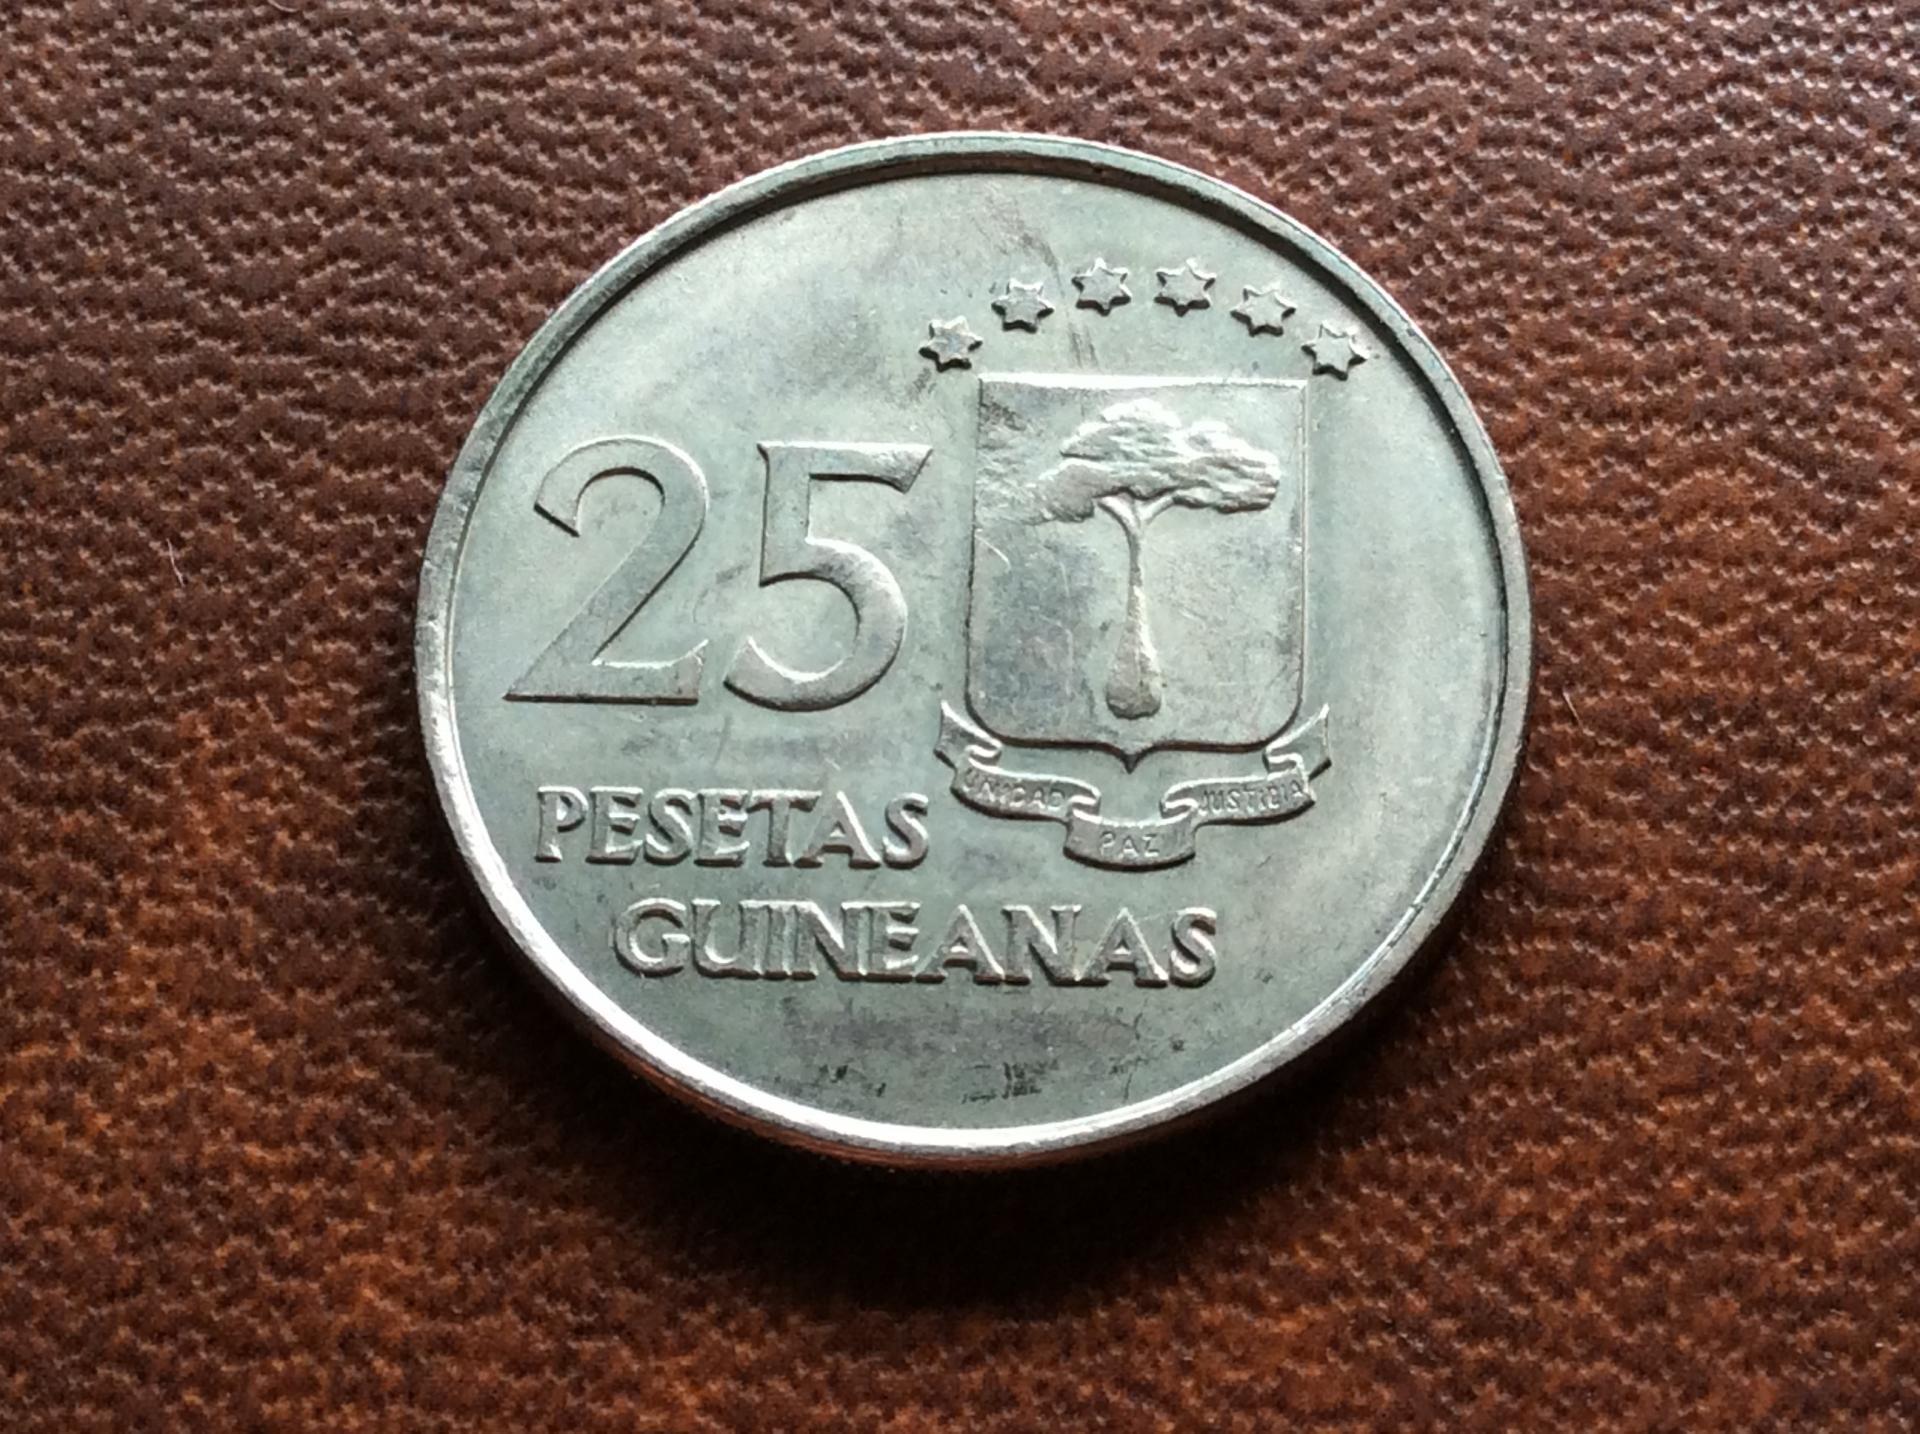 25 PESETAS GUINEANAS - 1969 - REPUBLICA DE GUINEA ECUATORIAL